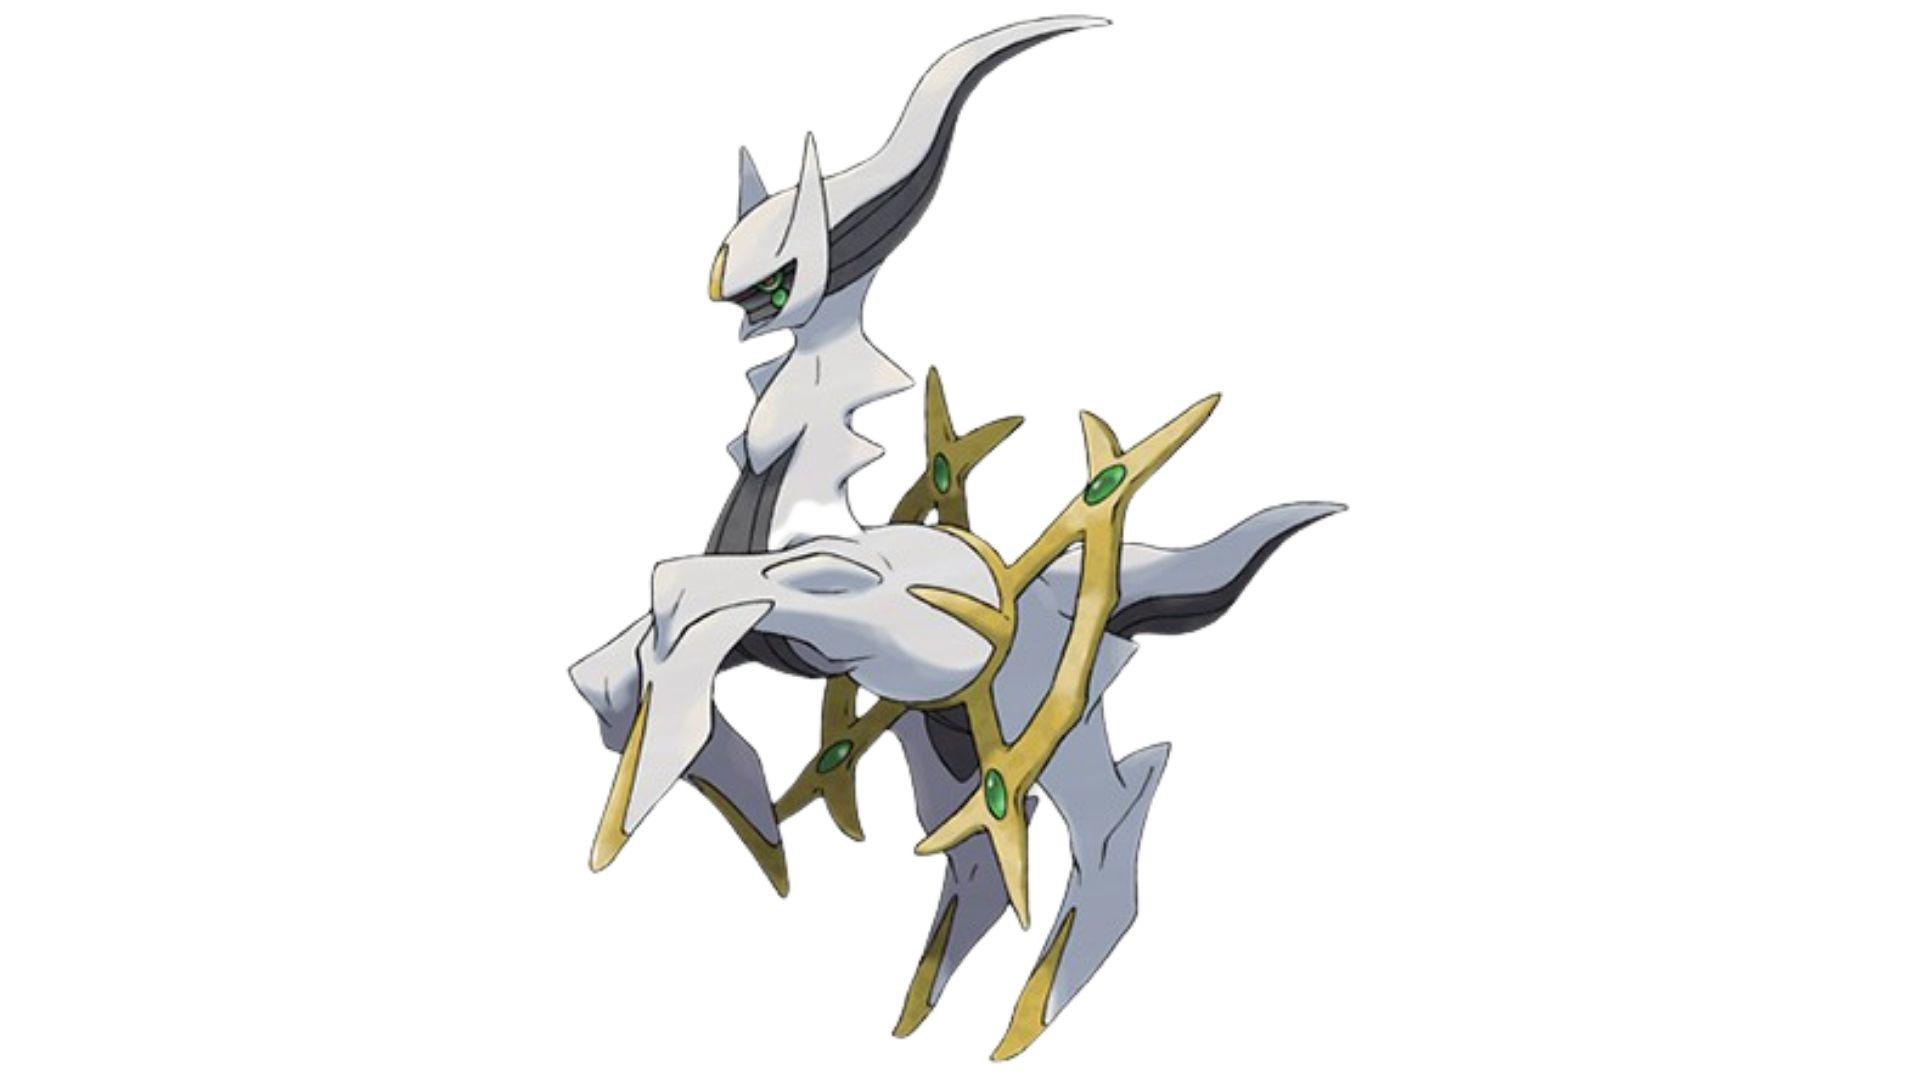 abilidades incomparáveis de Arceus fazem dele o pokémon mais forte de todos (Foto: Divulgação/Pokémon)